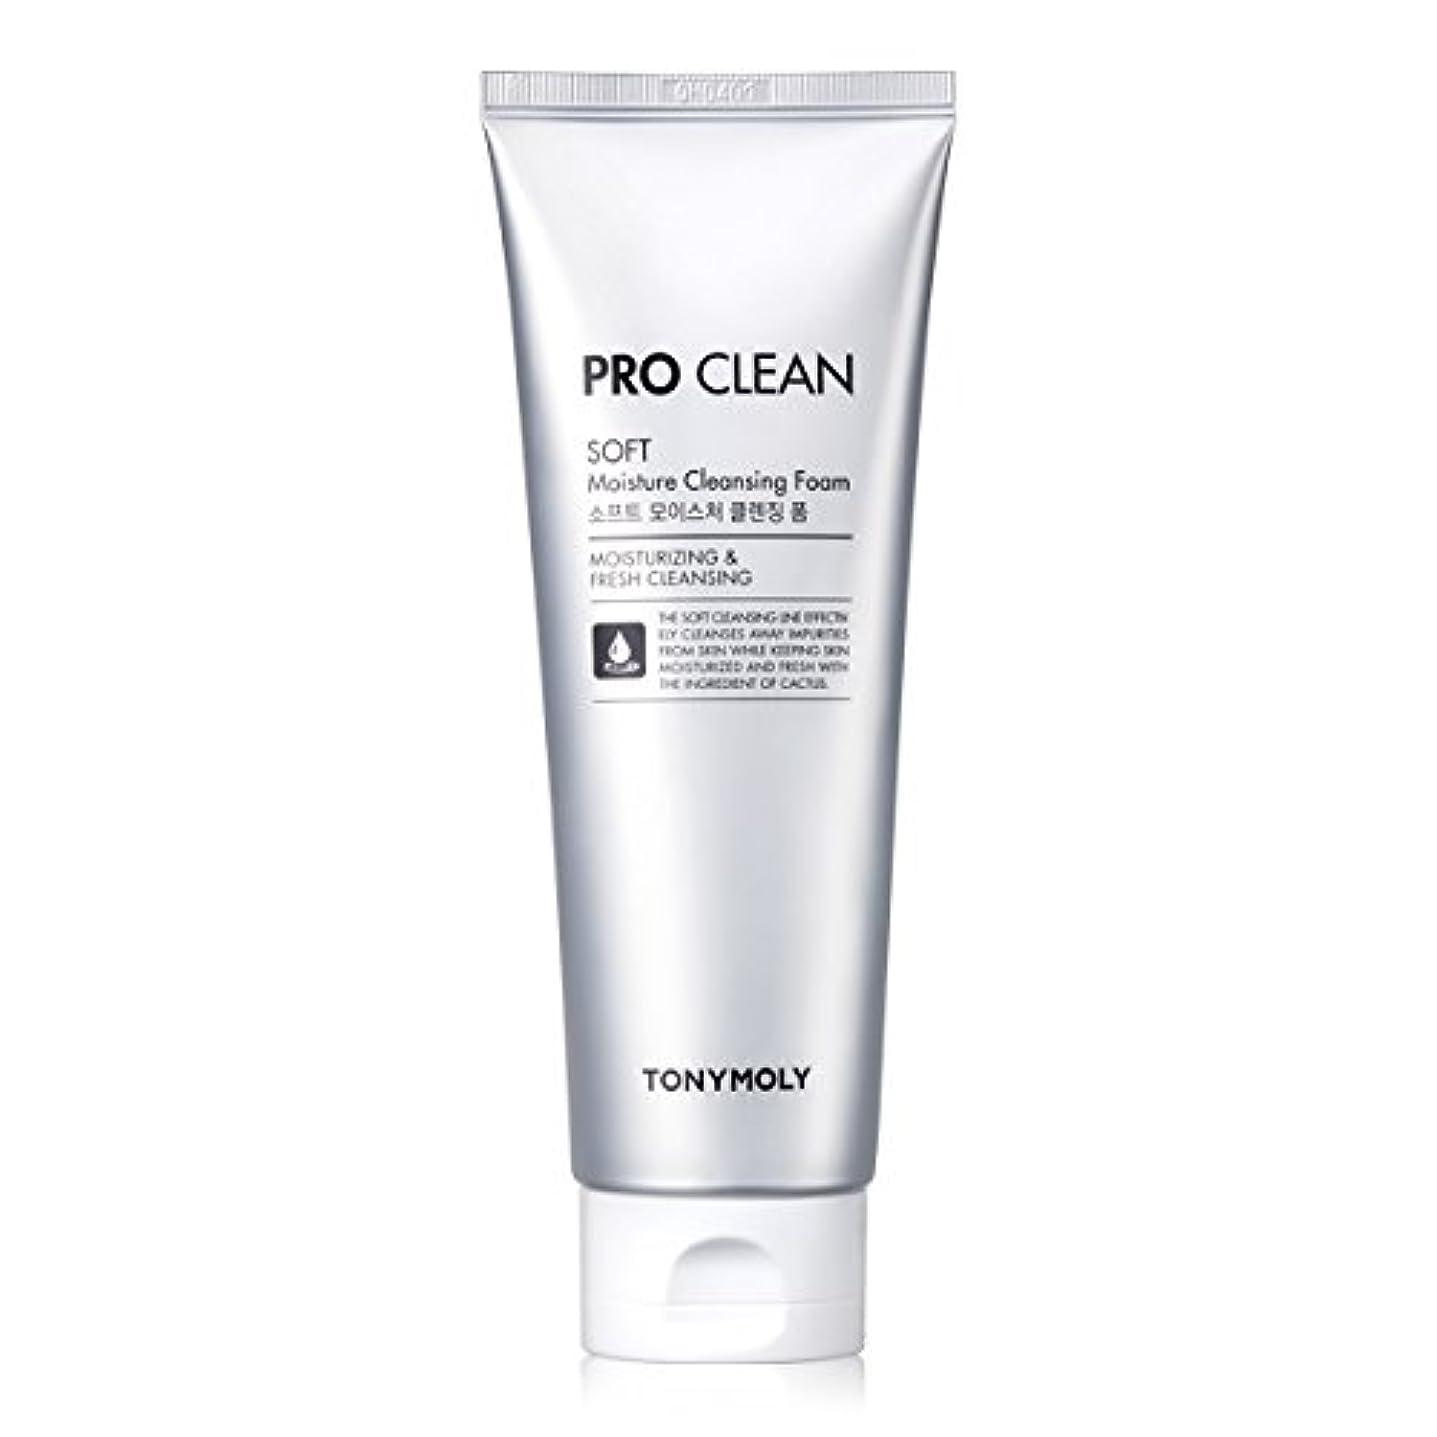 誕生減少誇大妄想[New] TONYMOLY Pro Clean Soft Moisture Cleansing Foam 150ml/トニーモリー プロ クリーン ソフト モイスチャー クレンジングフォーム 150ml [並行輸入品]